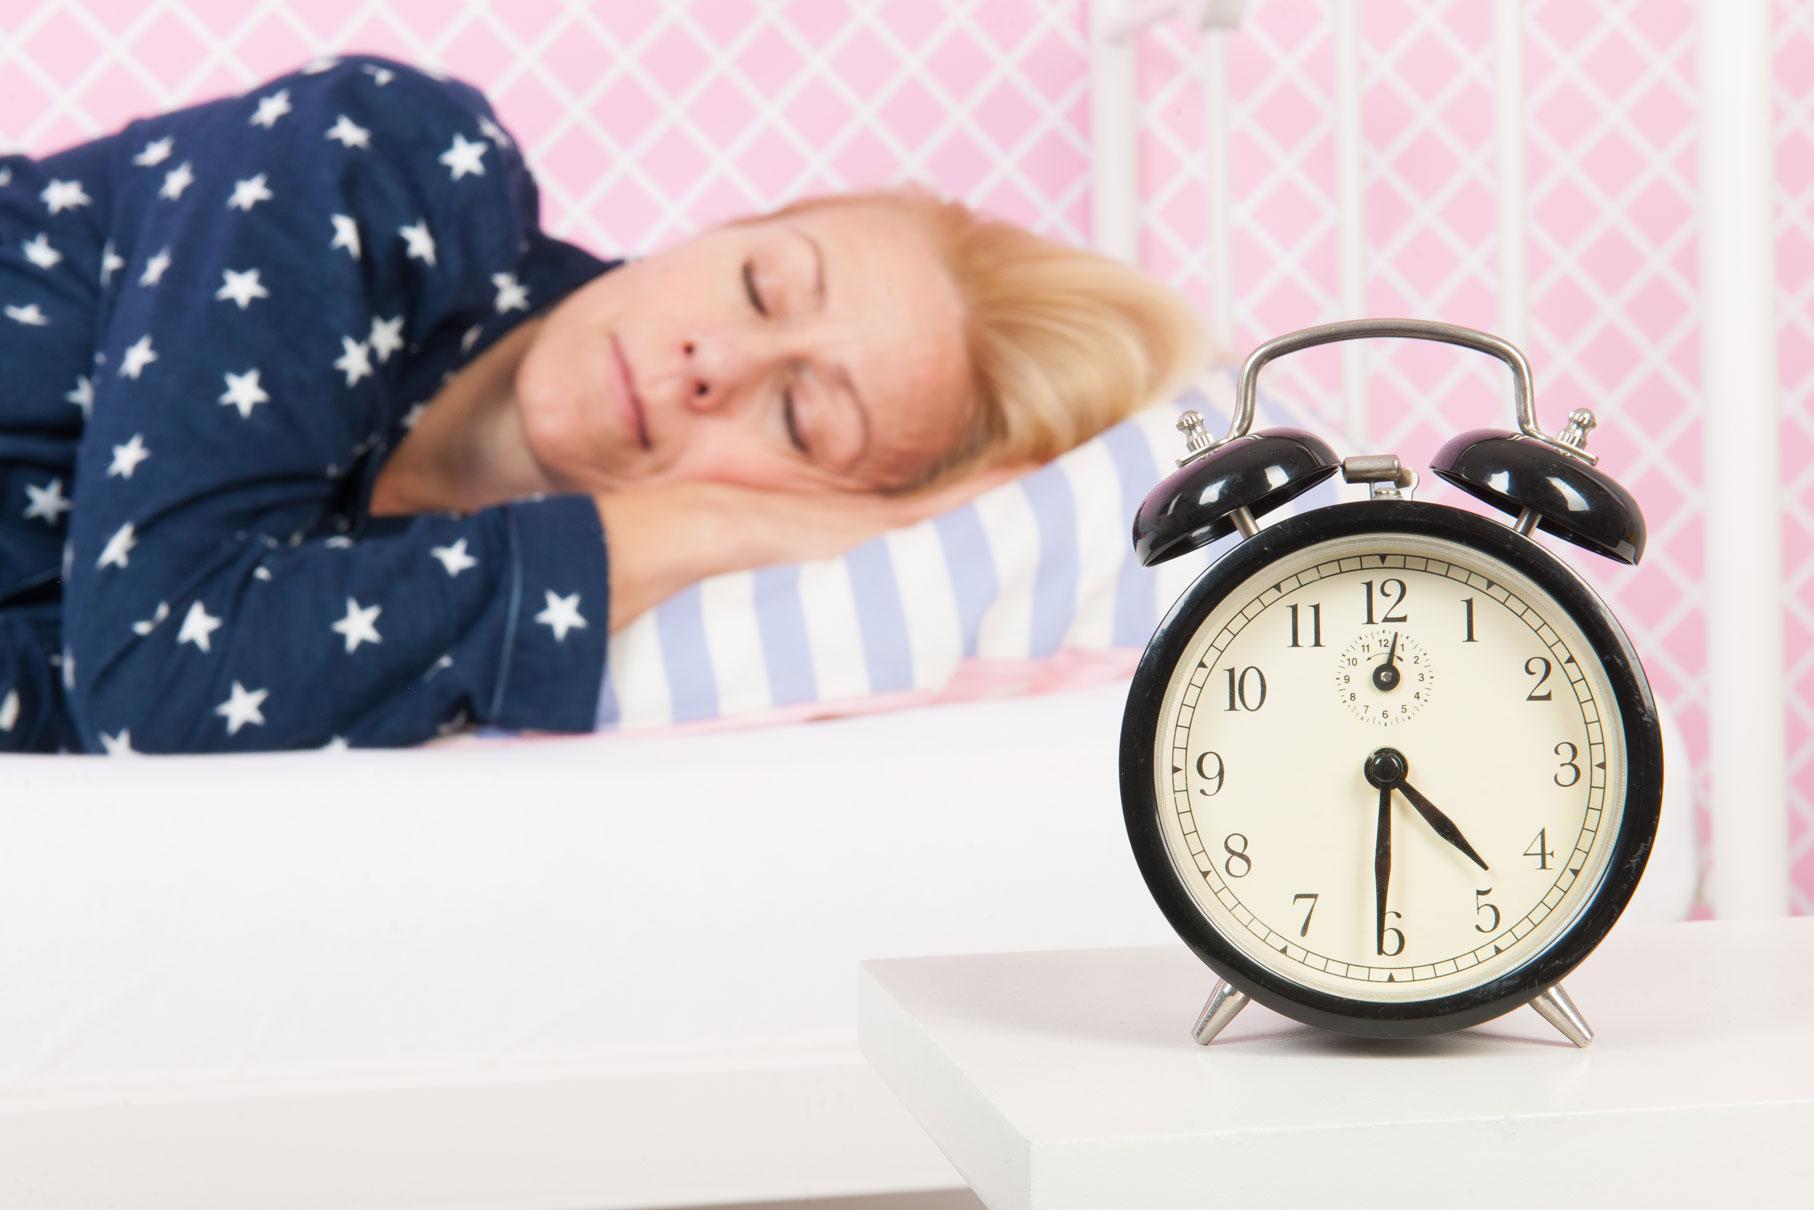 Was Sollte Man Tun Wenn Nicht Schlafen Kann Unterschiedliche Gedanken Zu Lange Im Kopf Kreisen Und Sich Entspannen